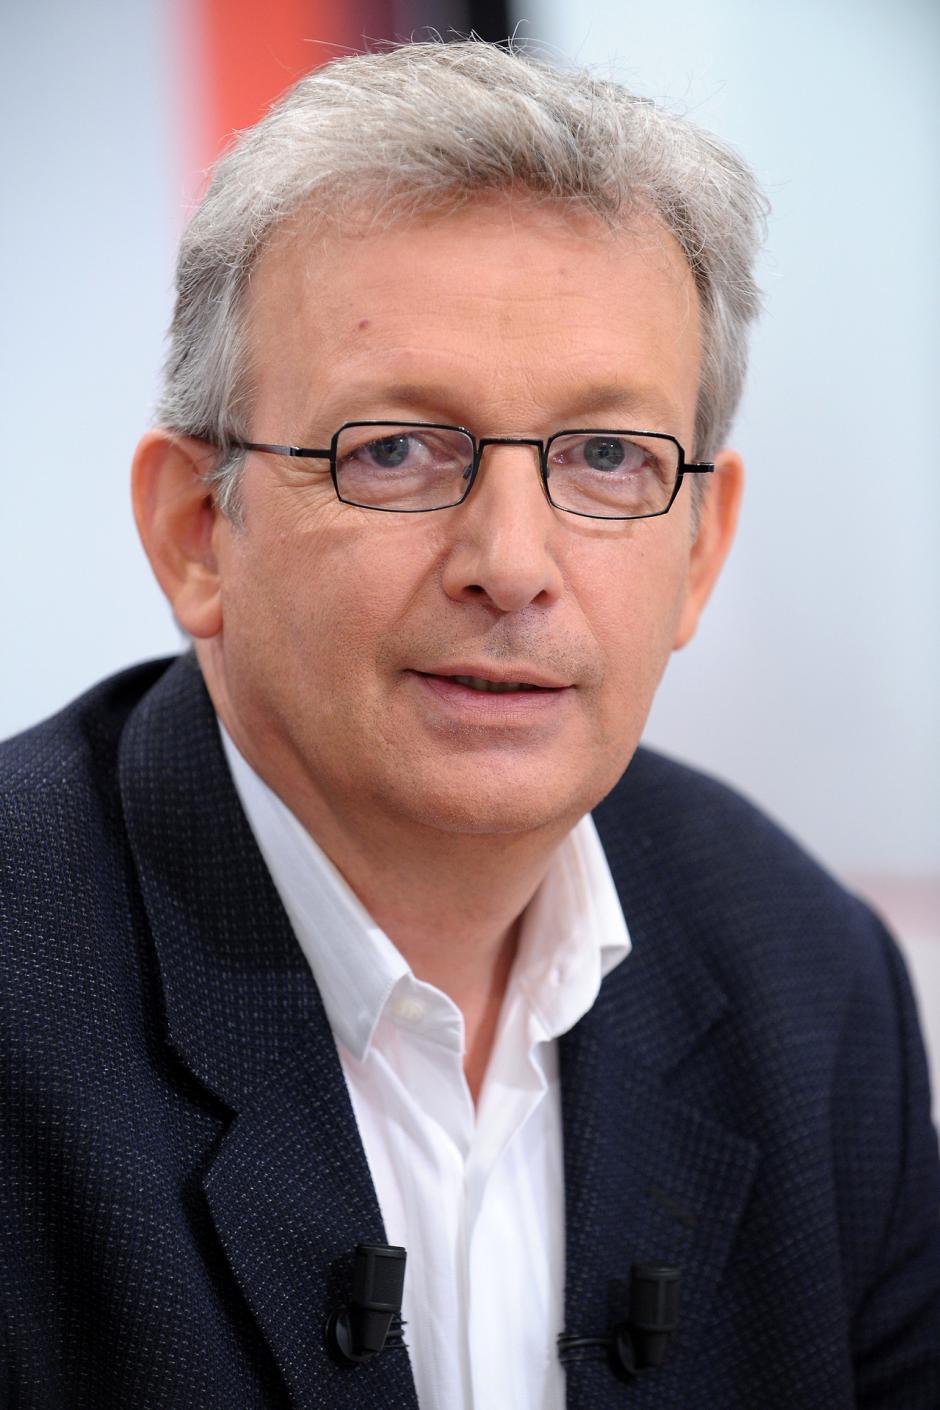 Déclaration de Pierre Laurent. Construire la France en commun